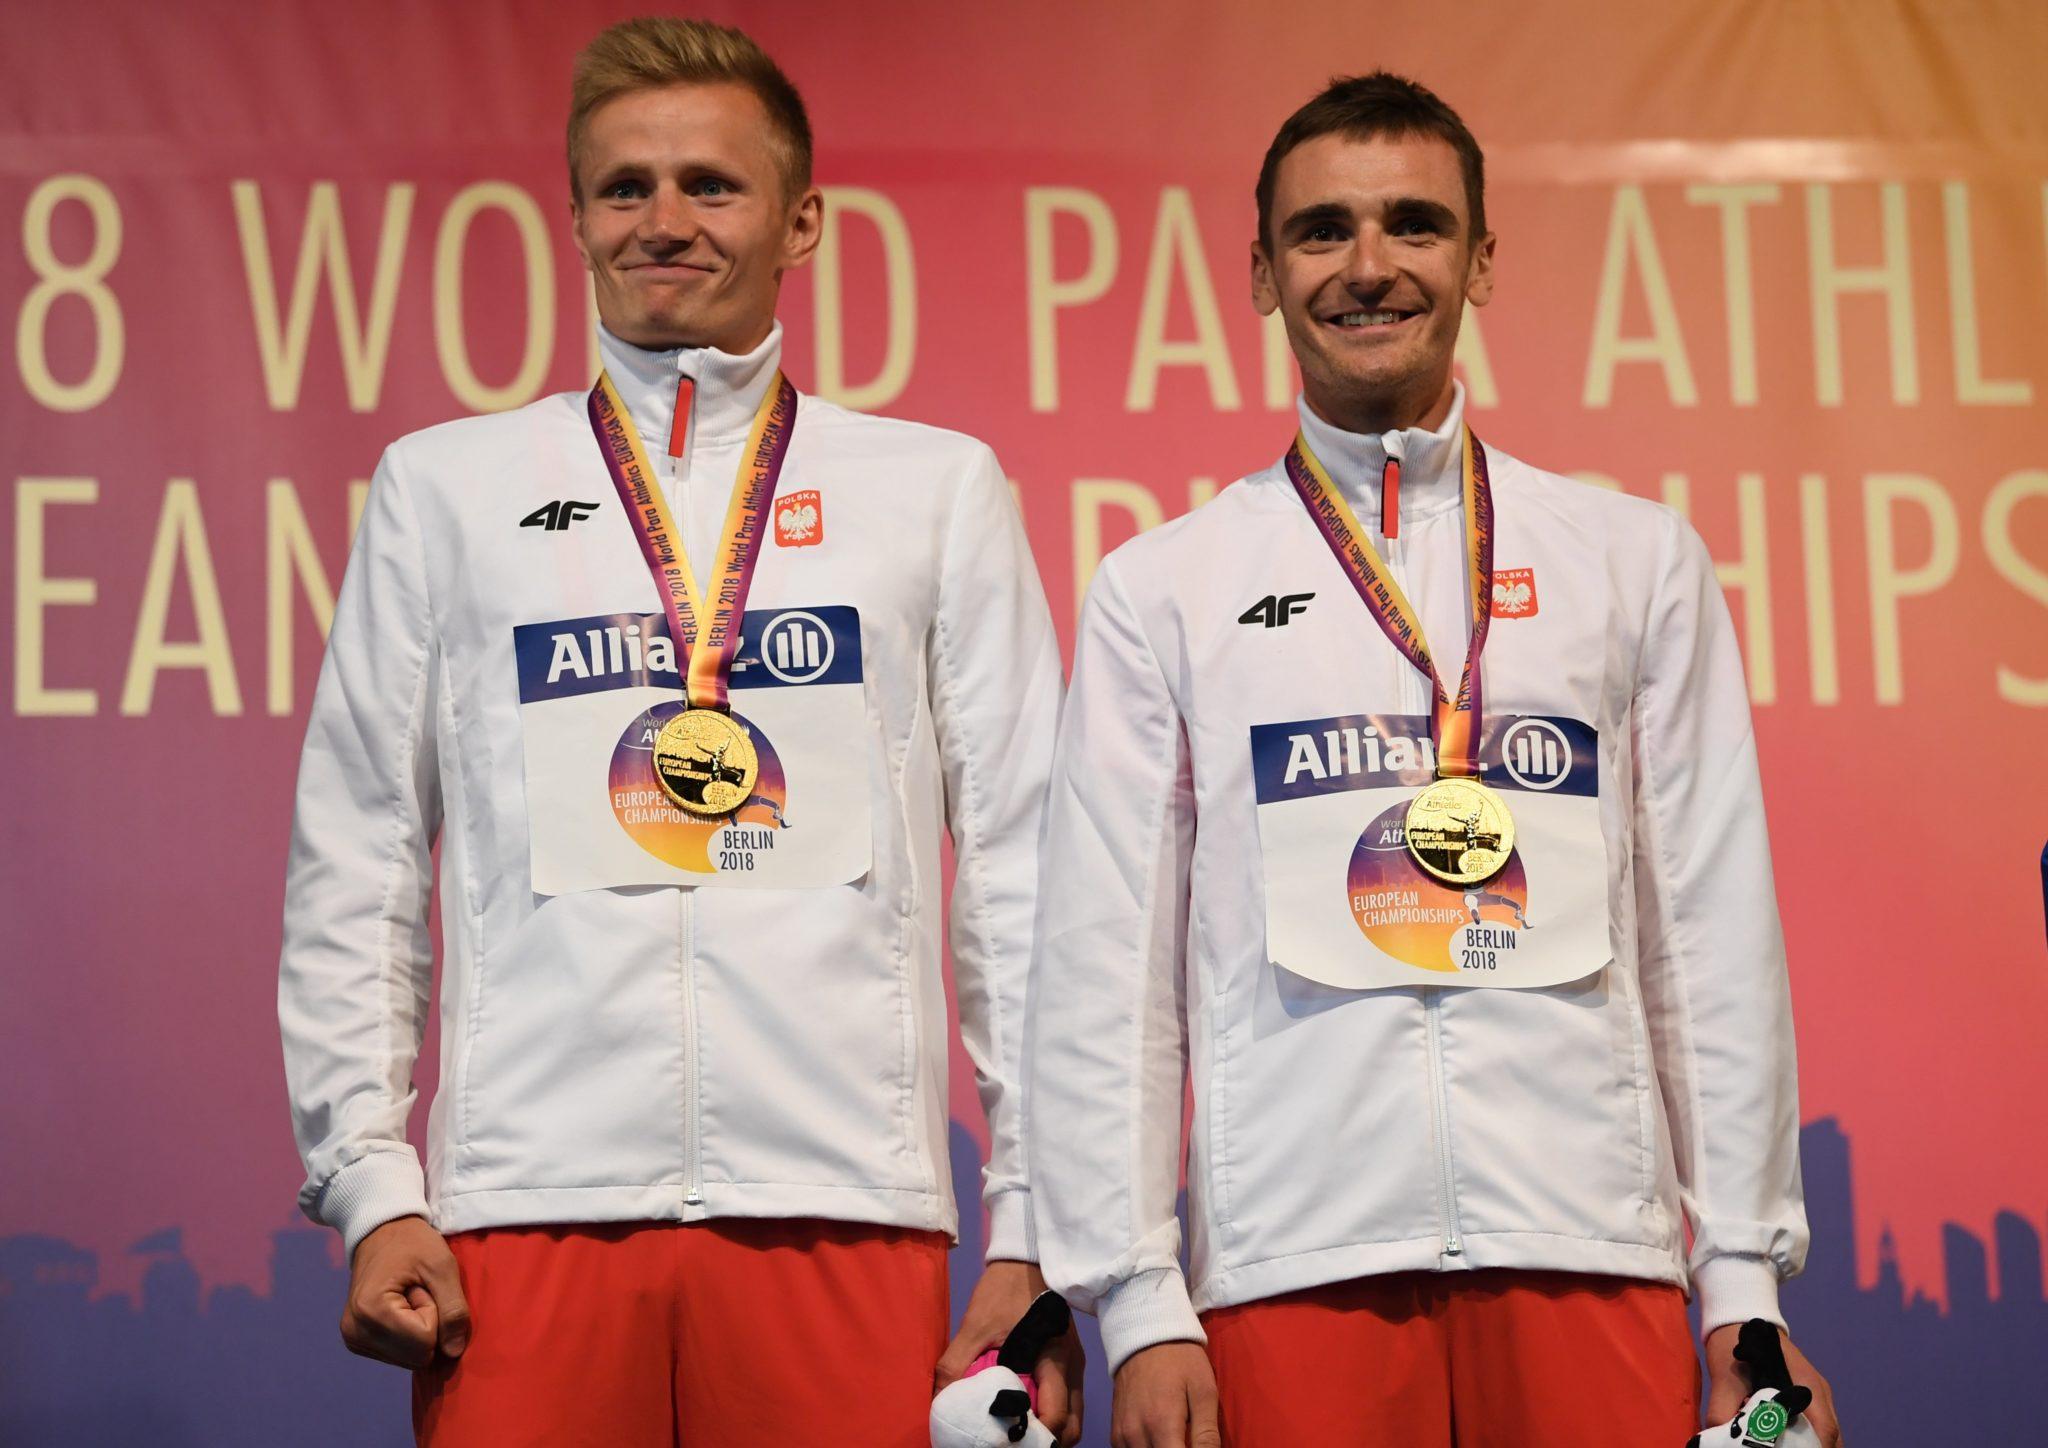 Aleksander Kossakowski i przewodnik Krzysztof Wasilewski podczas ceremonii dekoracji medalami uczestników biegu na 1500 metrów